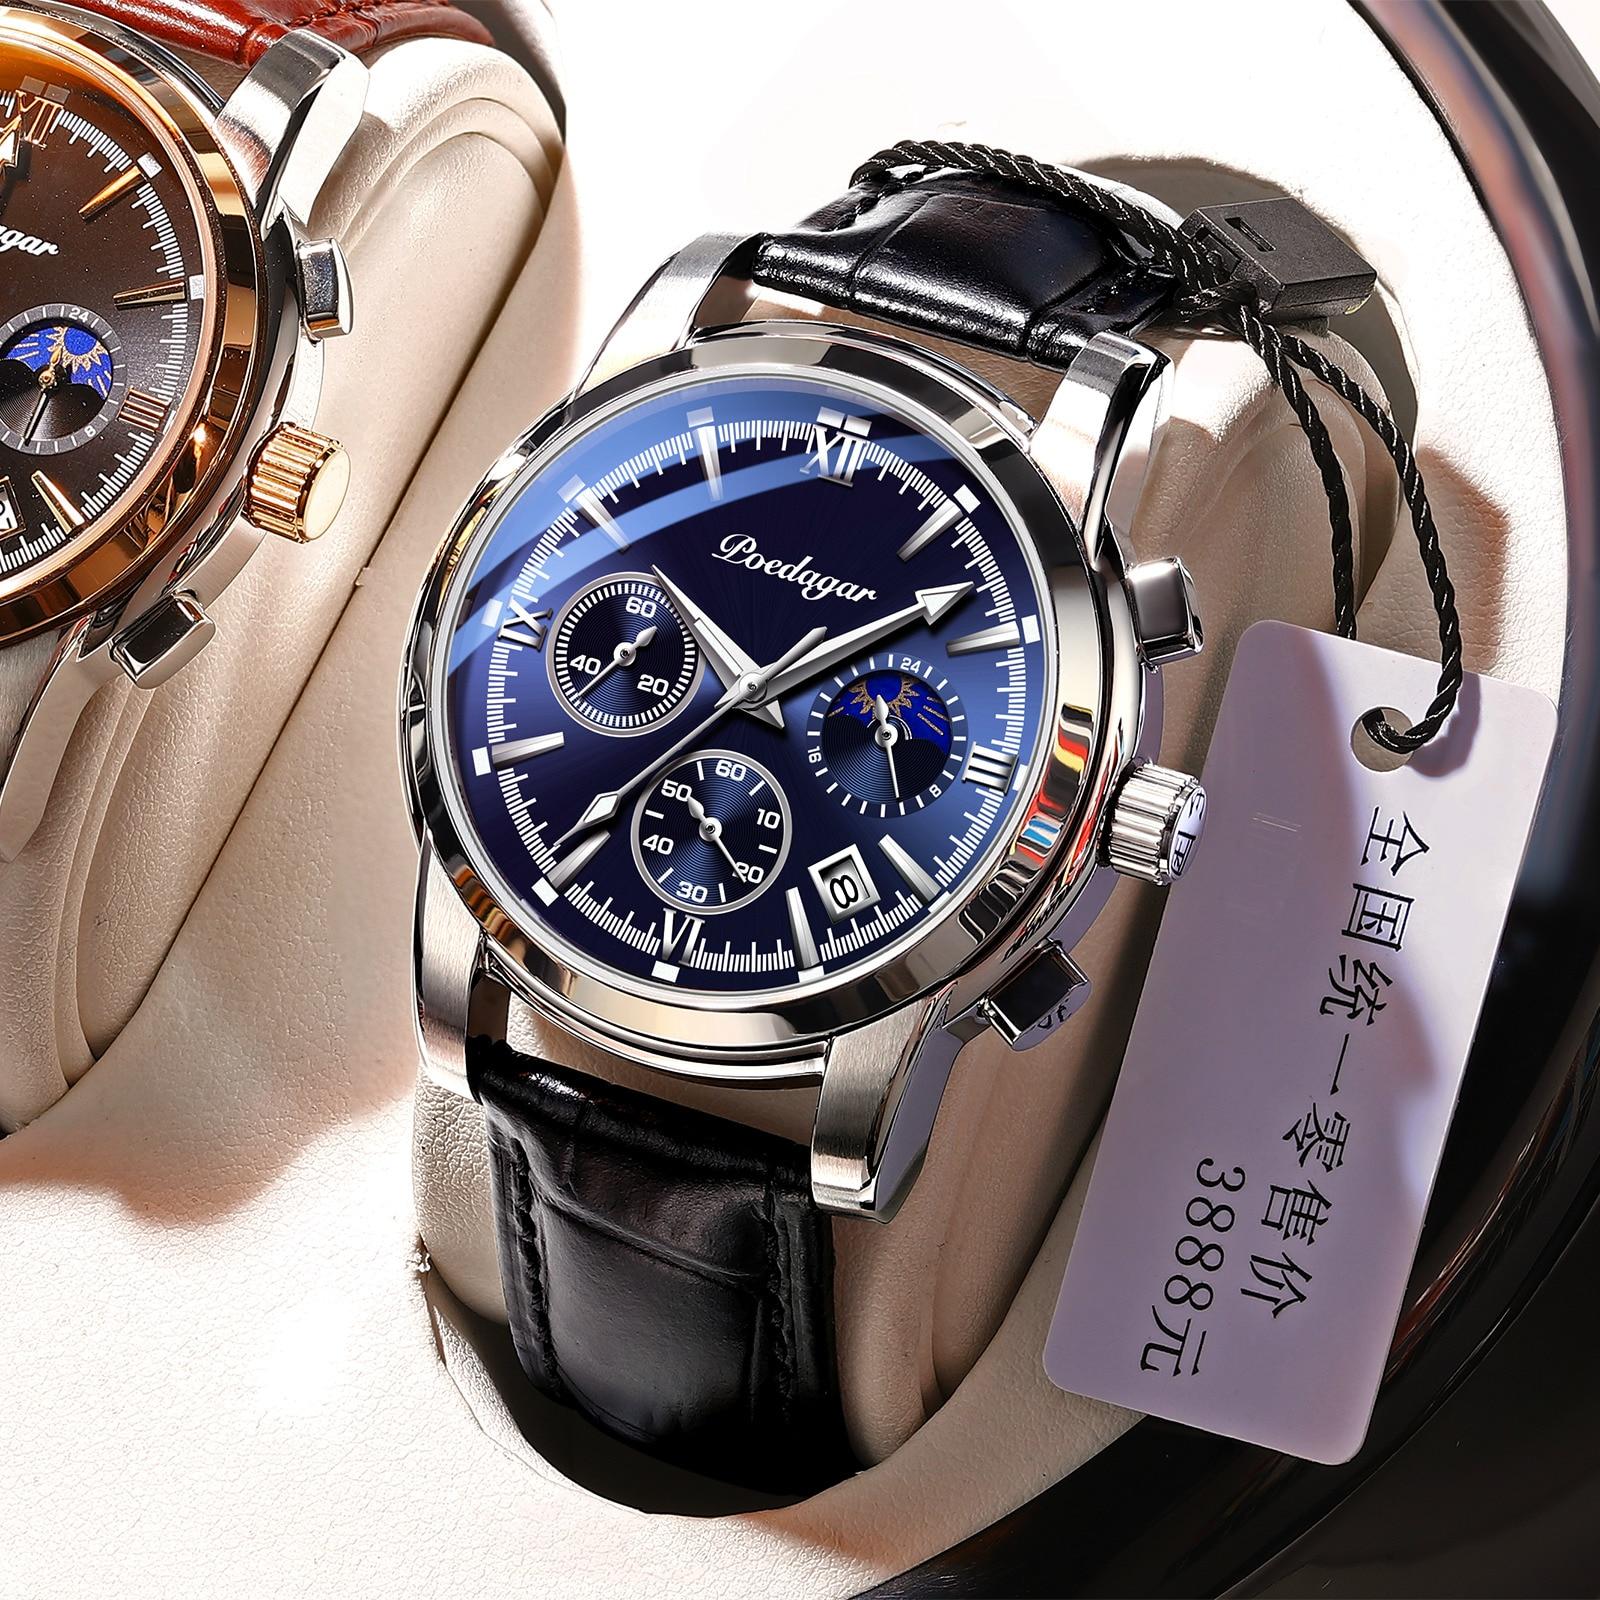 poedagar-2021-orologi-da-uomo-orologi-al-quarzo-in-pelle-orologio-da-polso-blu-di-lusso-delle-migliori-marche-orologio-sportivo-di-moda-luminoso-impermeabile